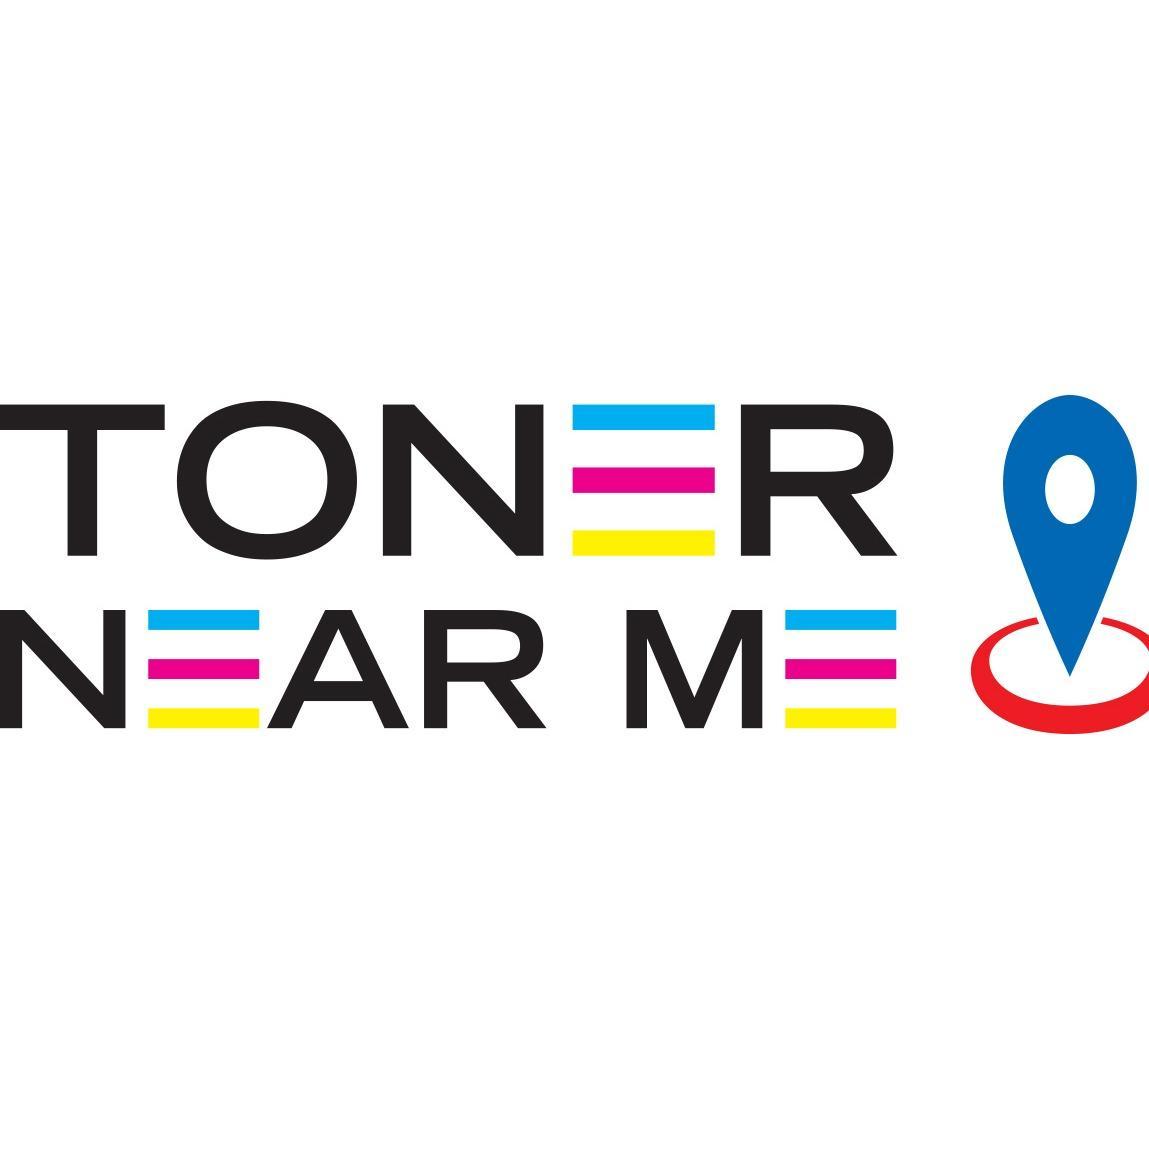 Toner Near Me